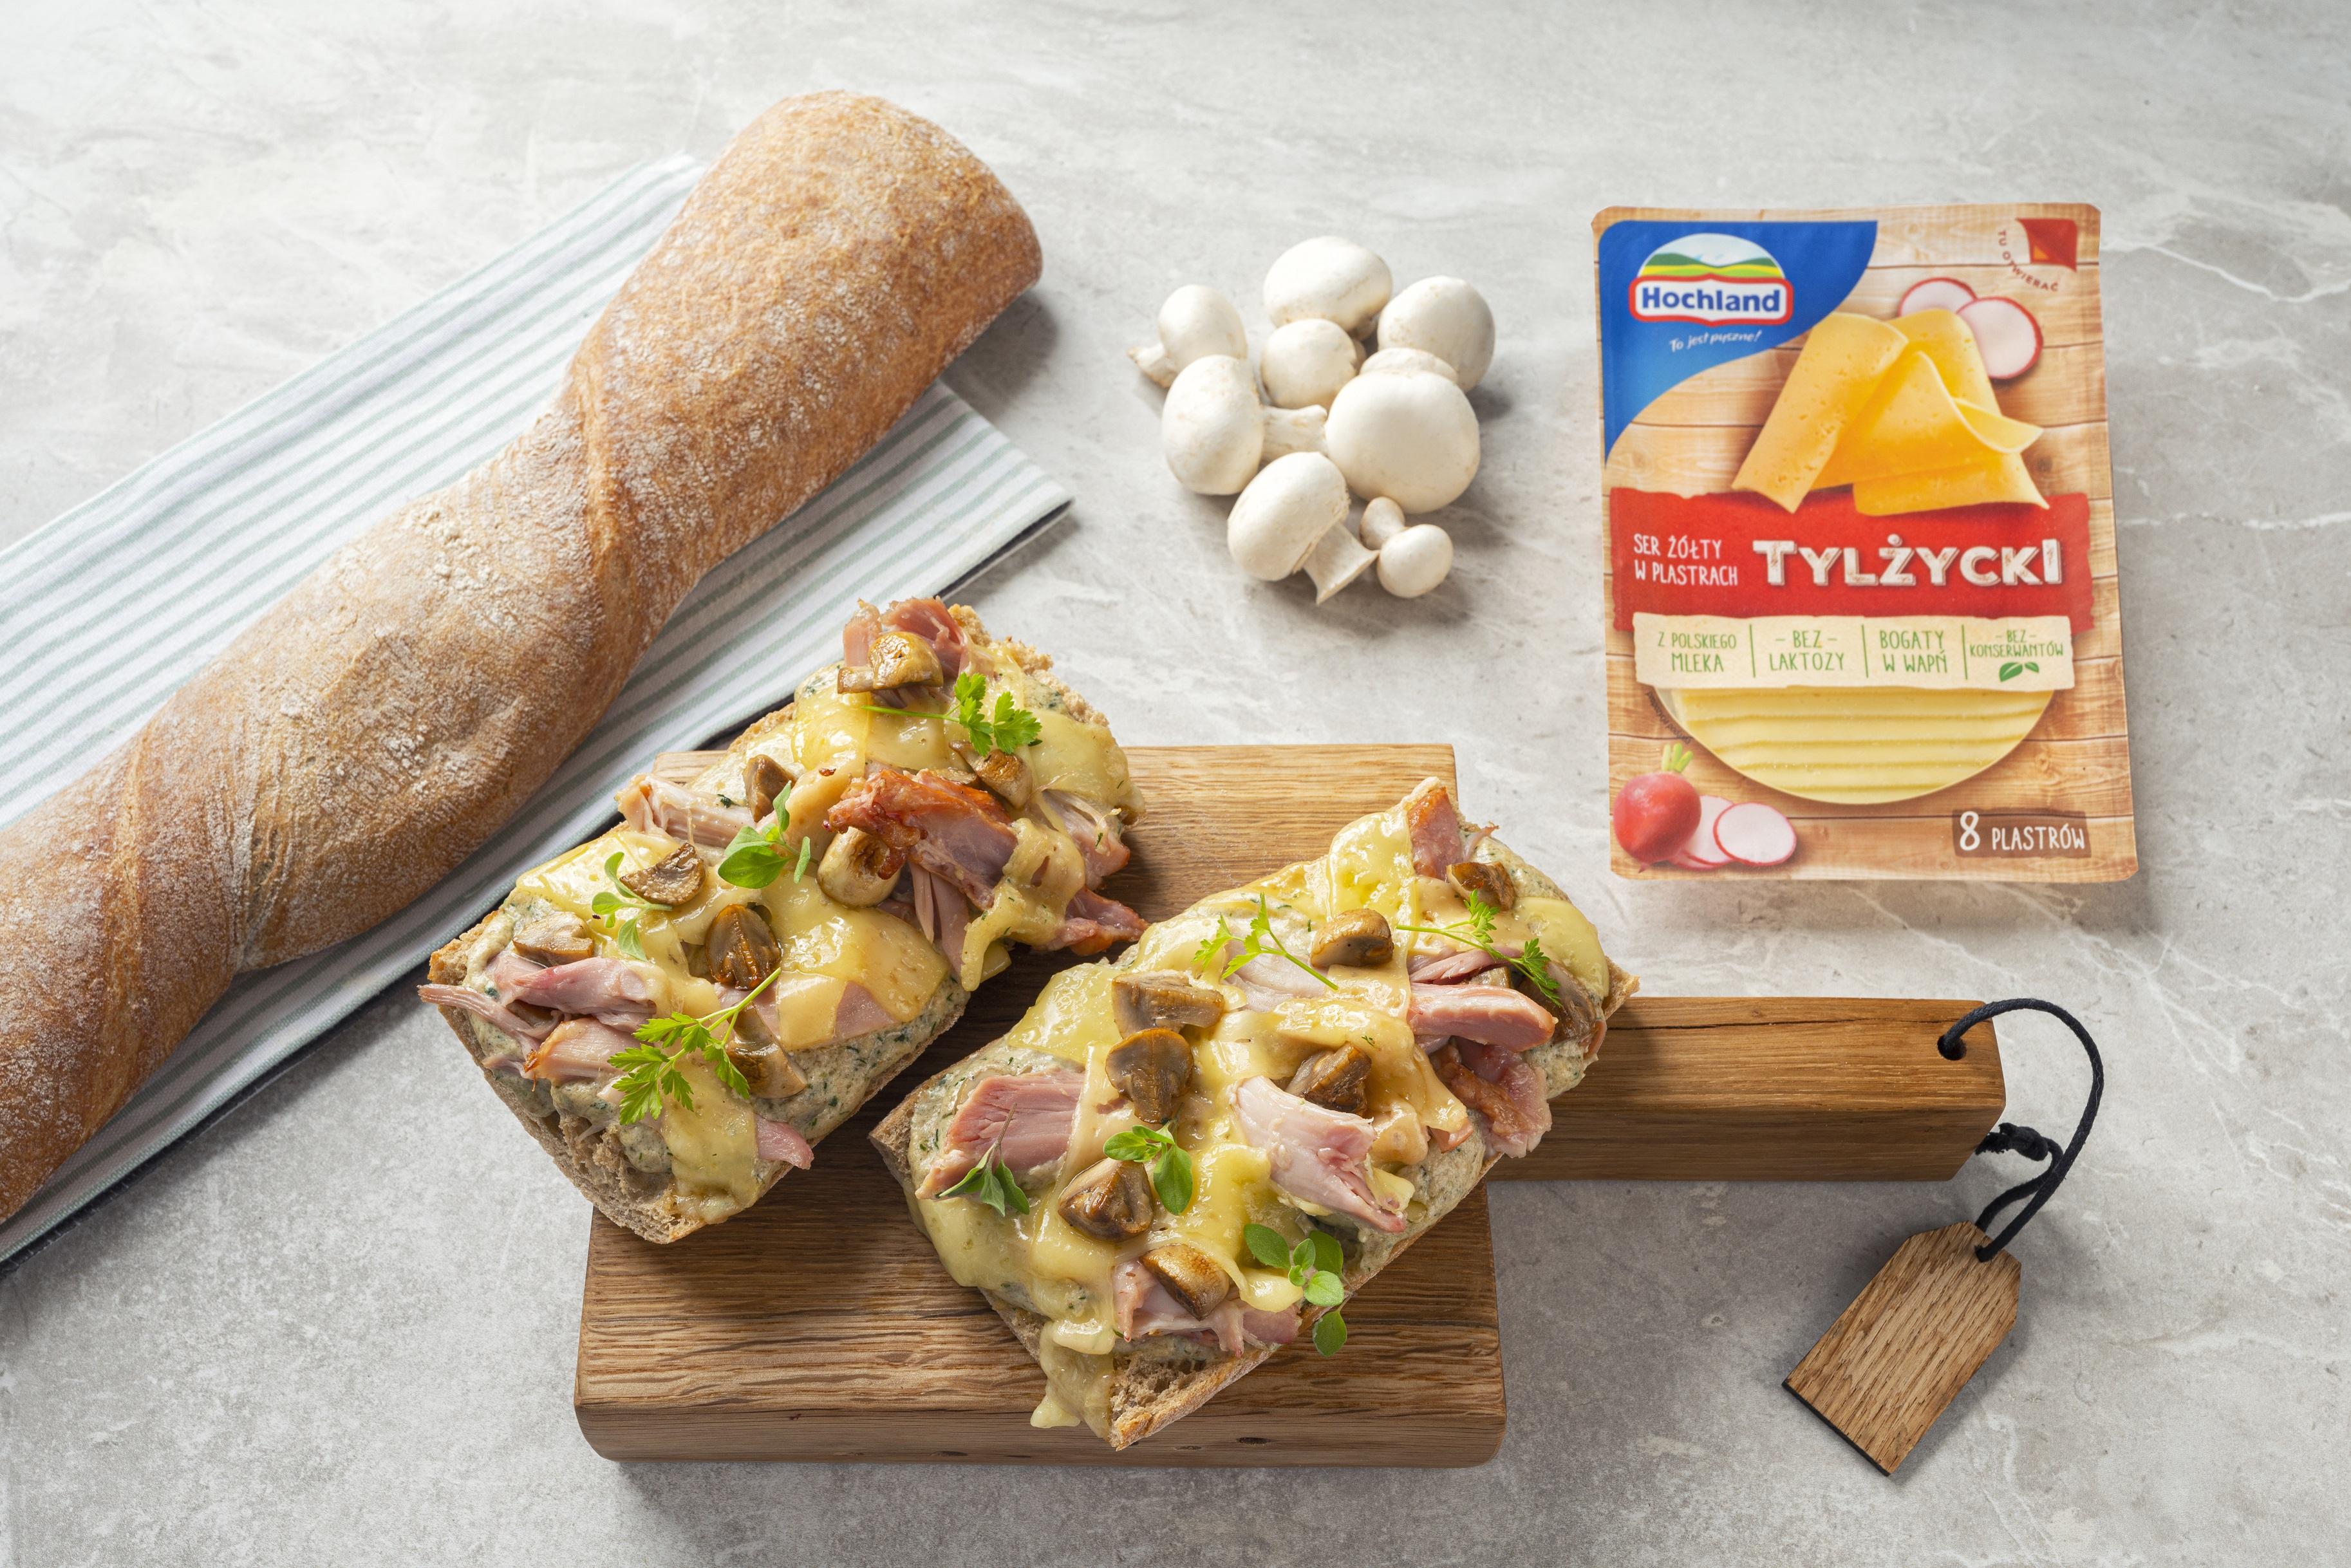 Tylżycki – wytrawny wirtuoz wśród serów